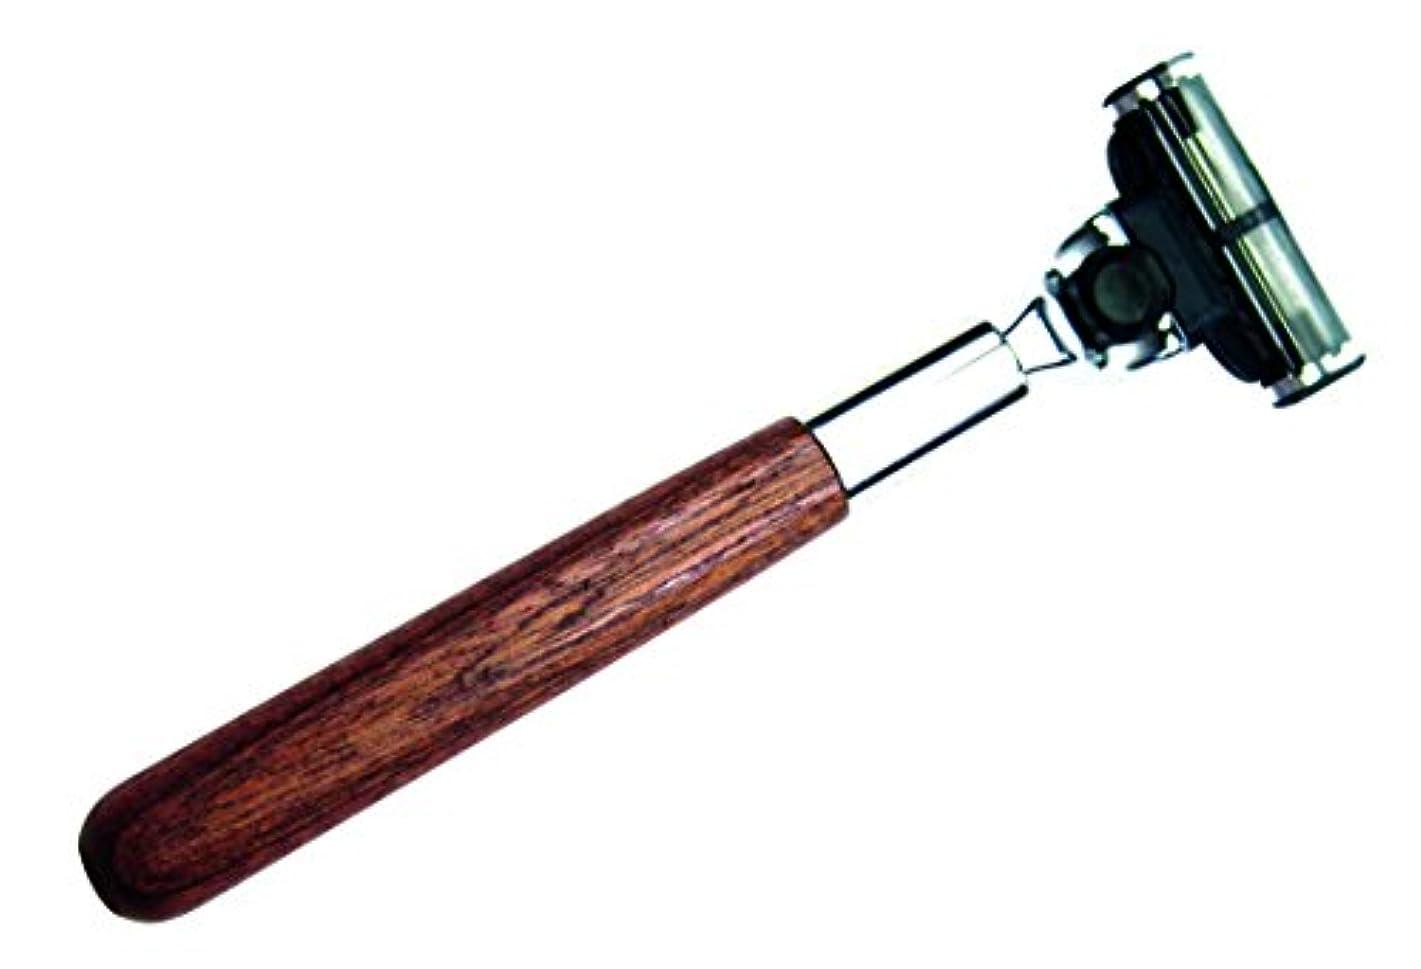 GOLDDACHS Razor, Cedar wood Handle